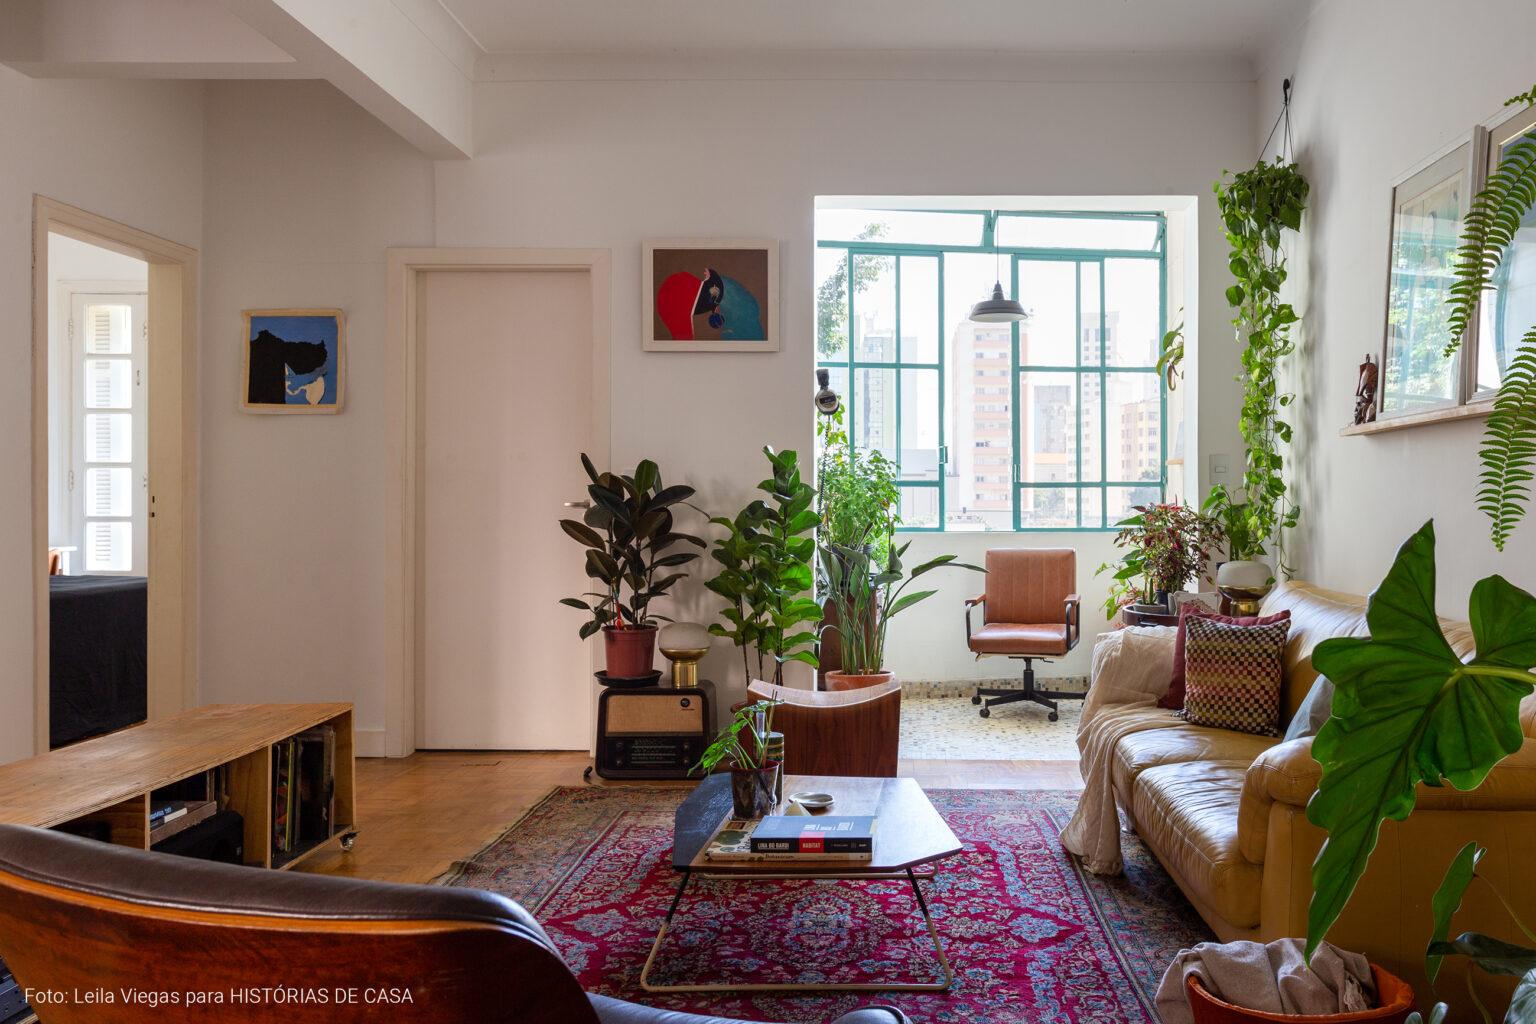 Apartamento antigo com reforma, muitas plantas e móveis vintage